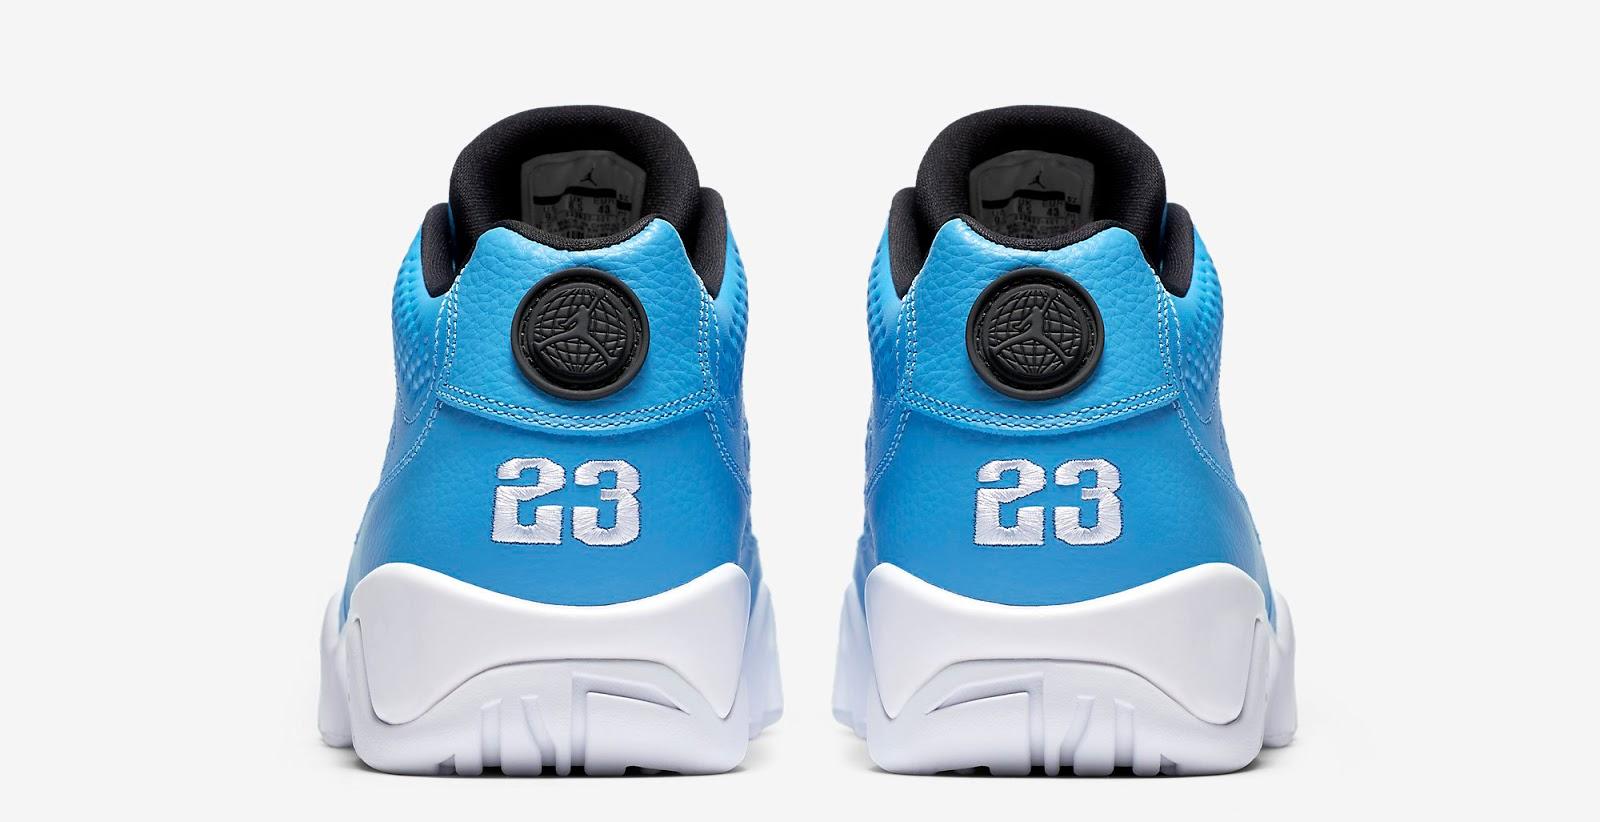 4115daf791a2 ... switzerland ajordanxi your 1 source for sneaker release dates air jordan  9 retro low pantone university